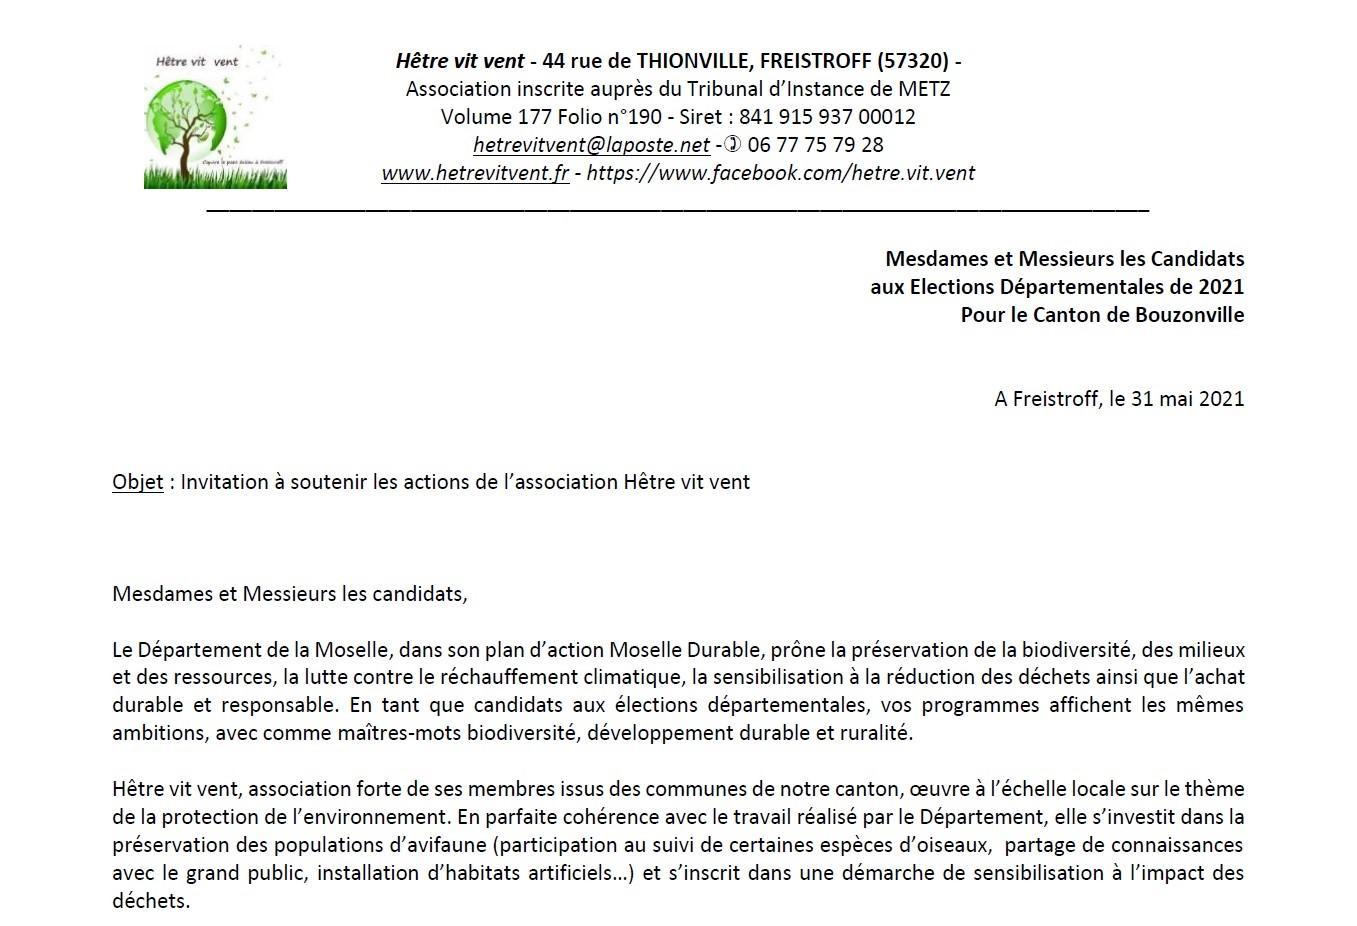 Lettre ouverte candidats departementales version finale debut